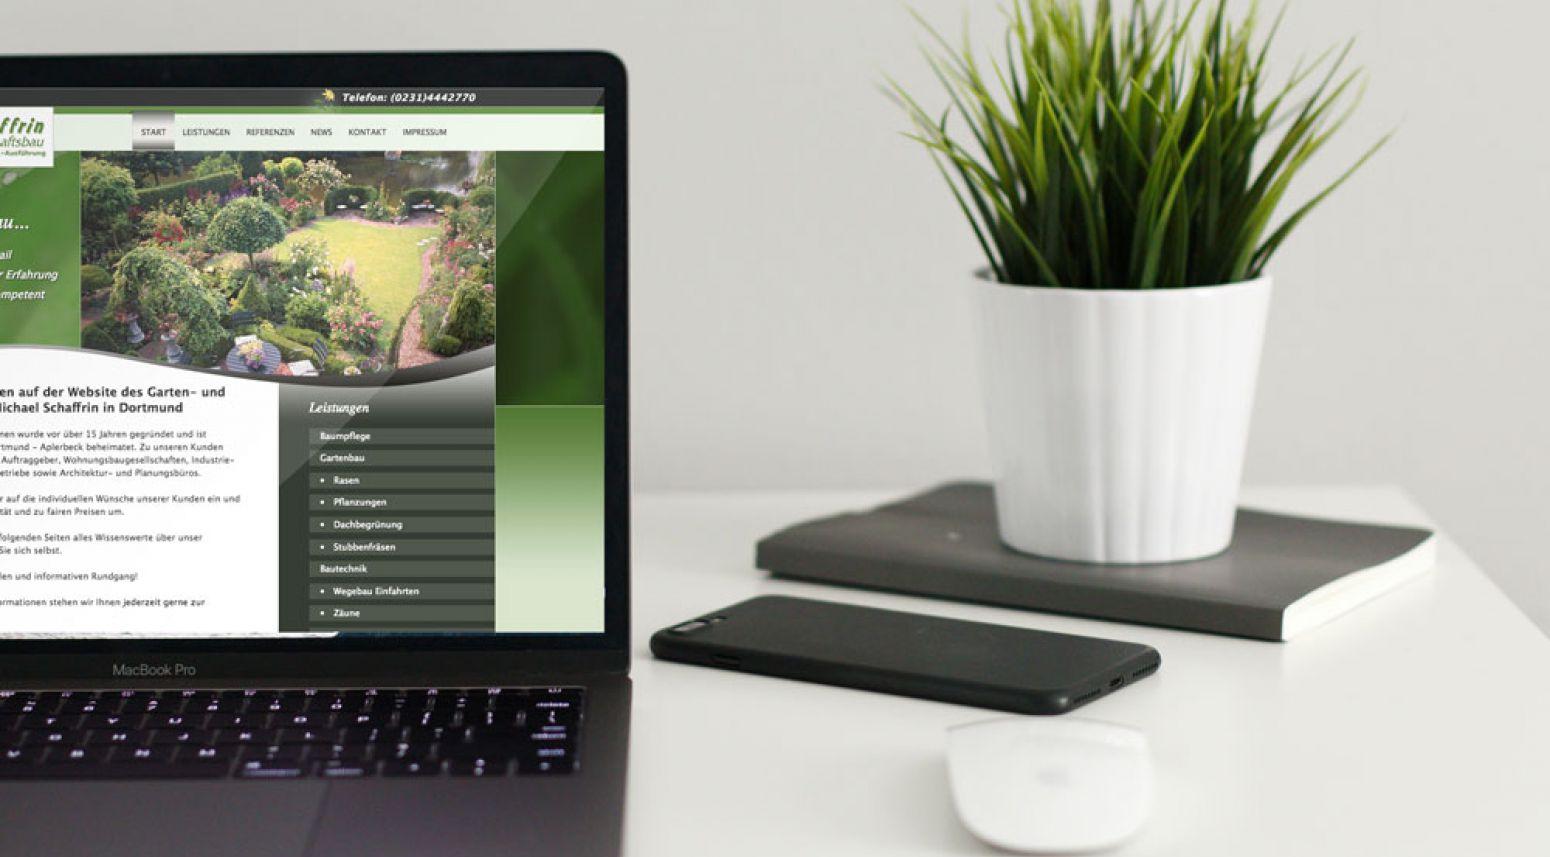 webdesign f r garten und landschaftsbau m schaffrin. Black Bedroom Furniture Sets. Home Design Ideas